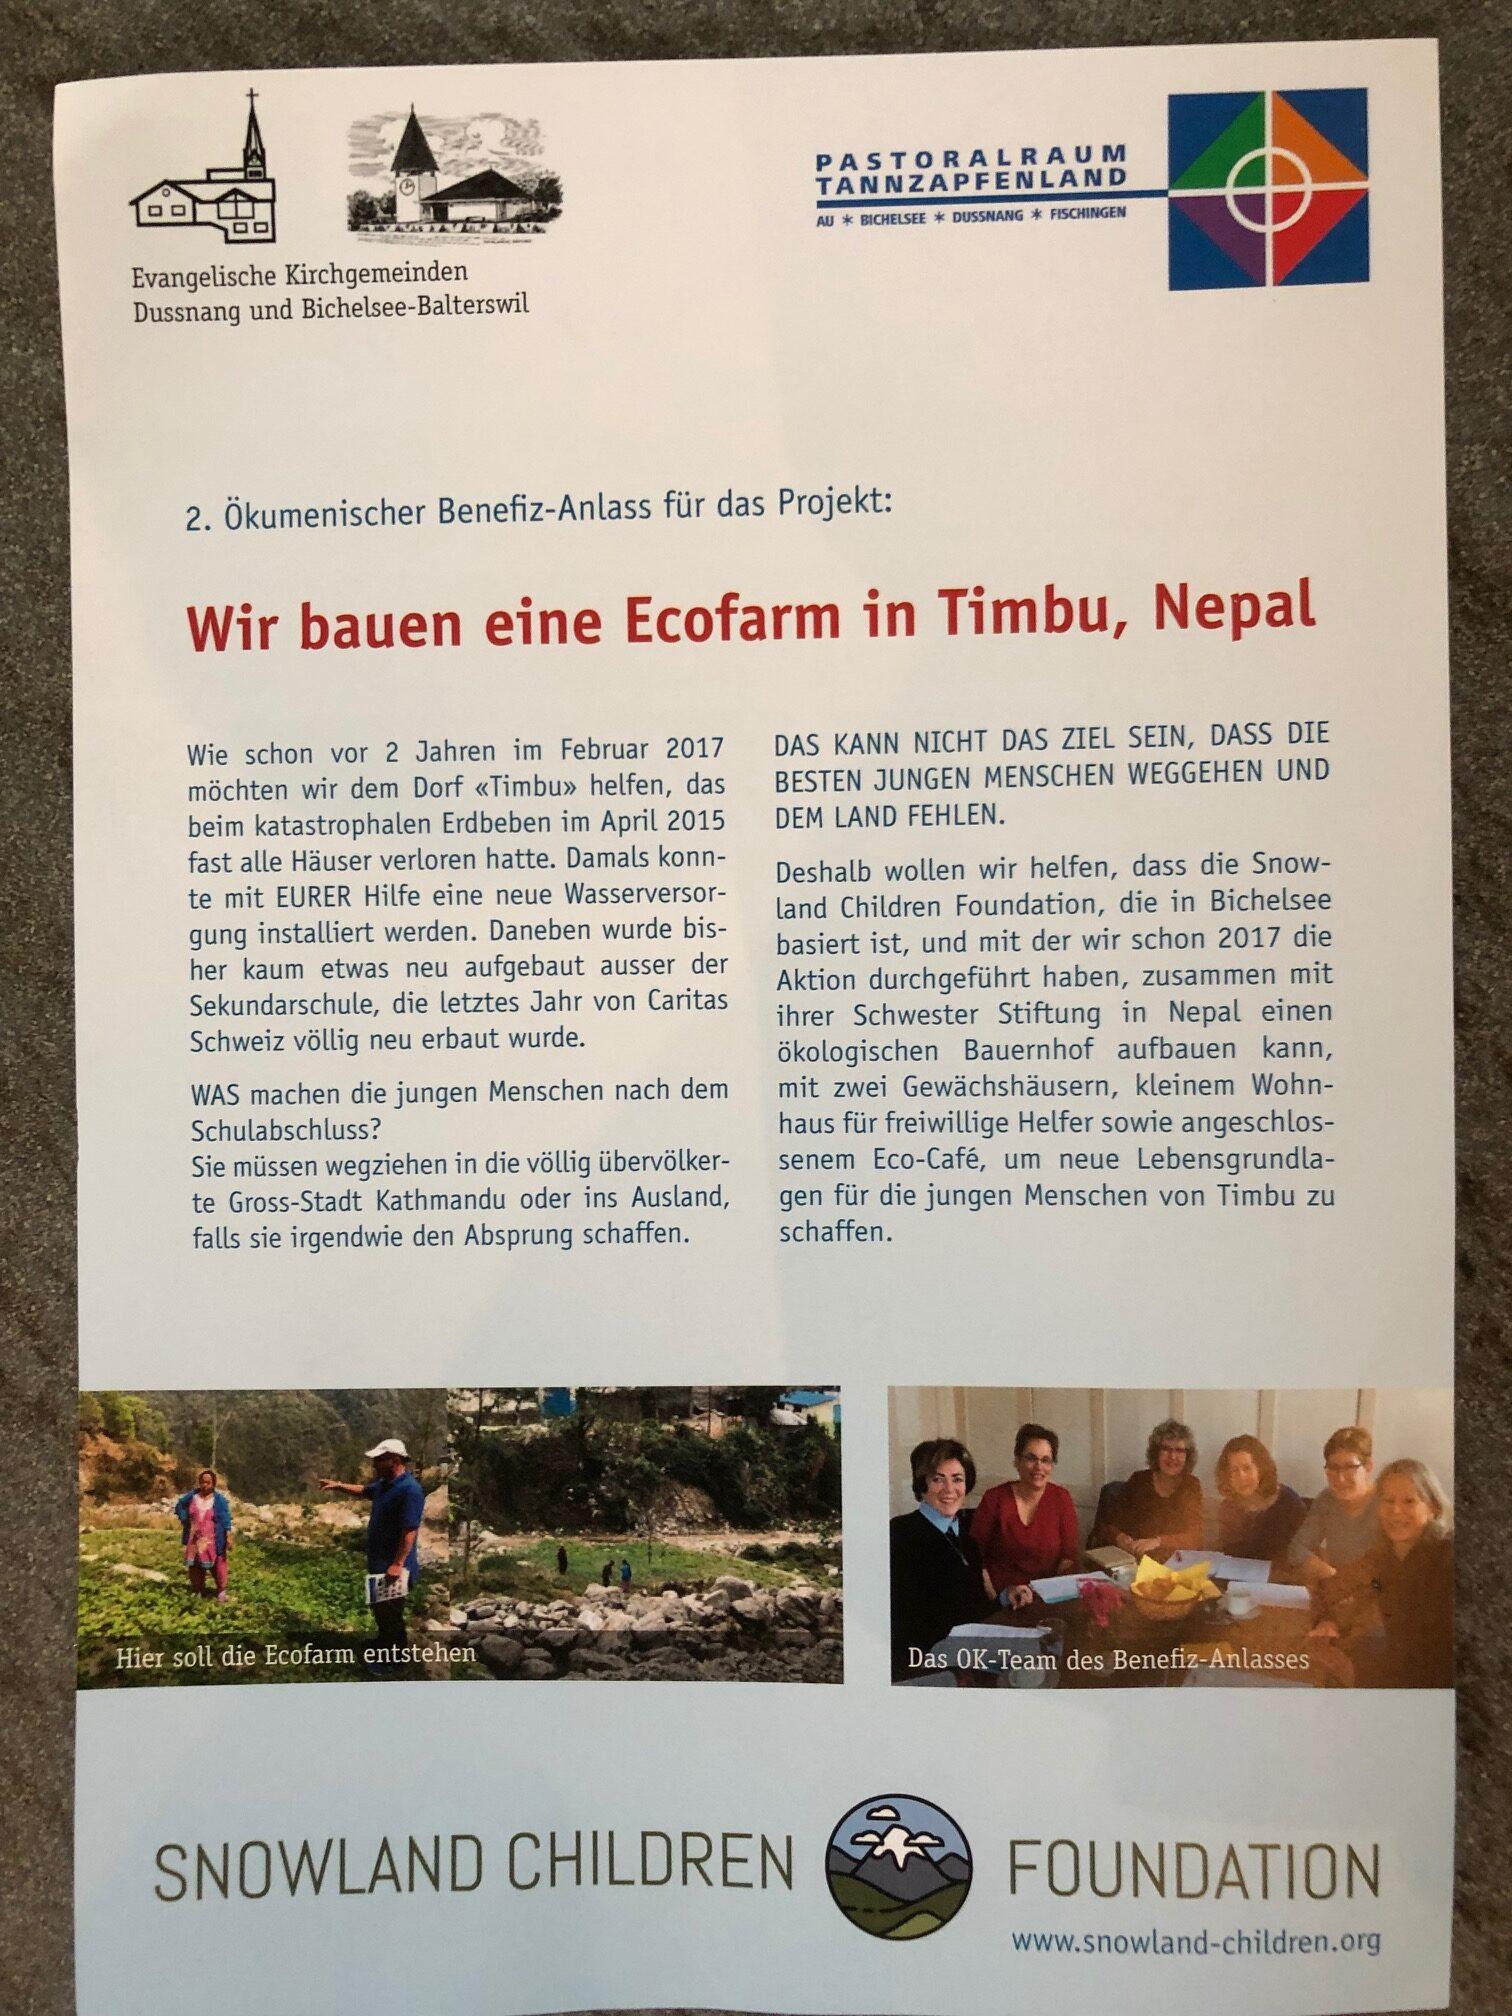 Bereits zum zweiten Mal gibt es in unserem Dorf eine grosse Aktion, um einem nepalesischen Bergdorf zu helfen, das durch das grosse Erdbeben von 2015 fash völlig zerstört wurde